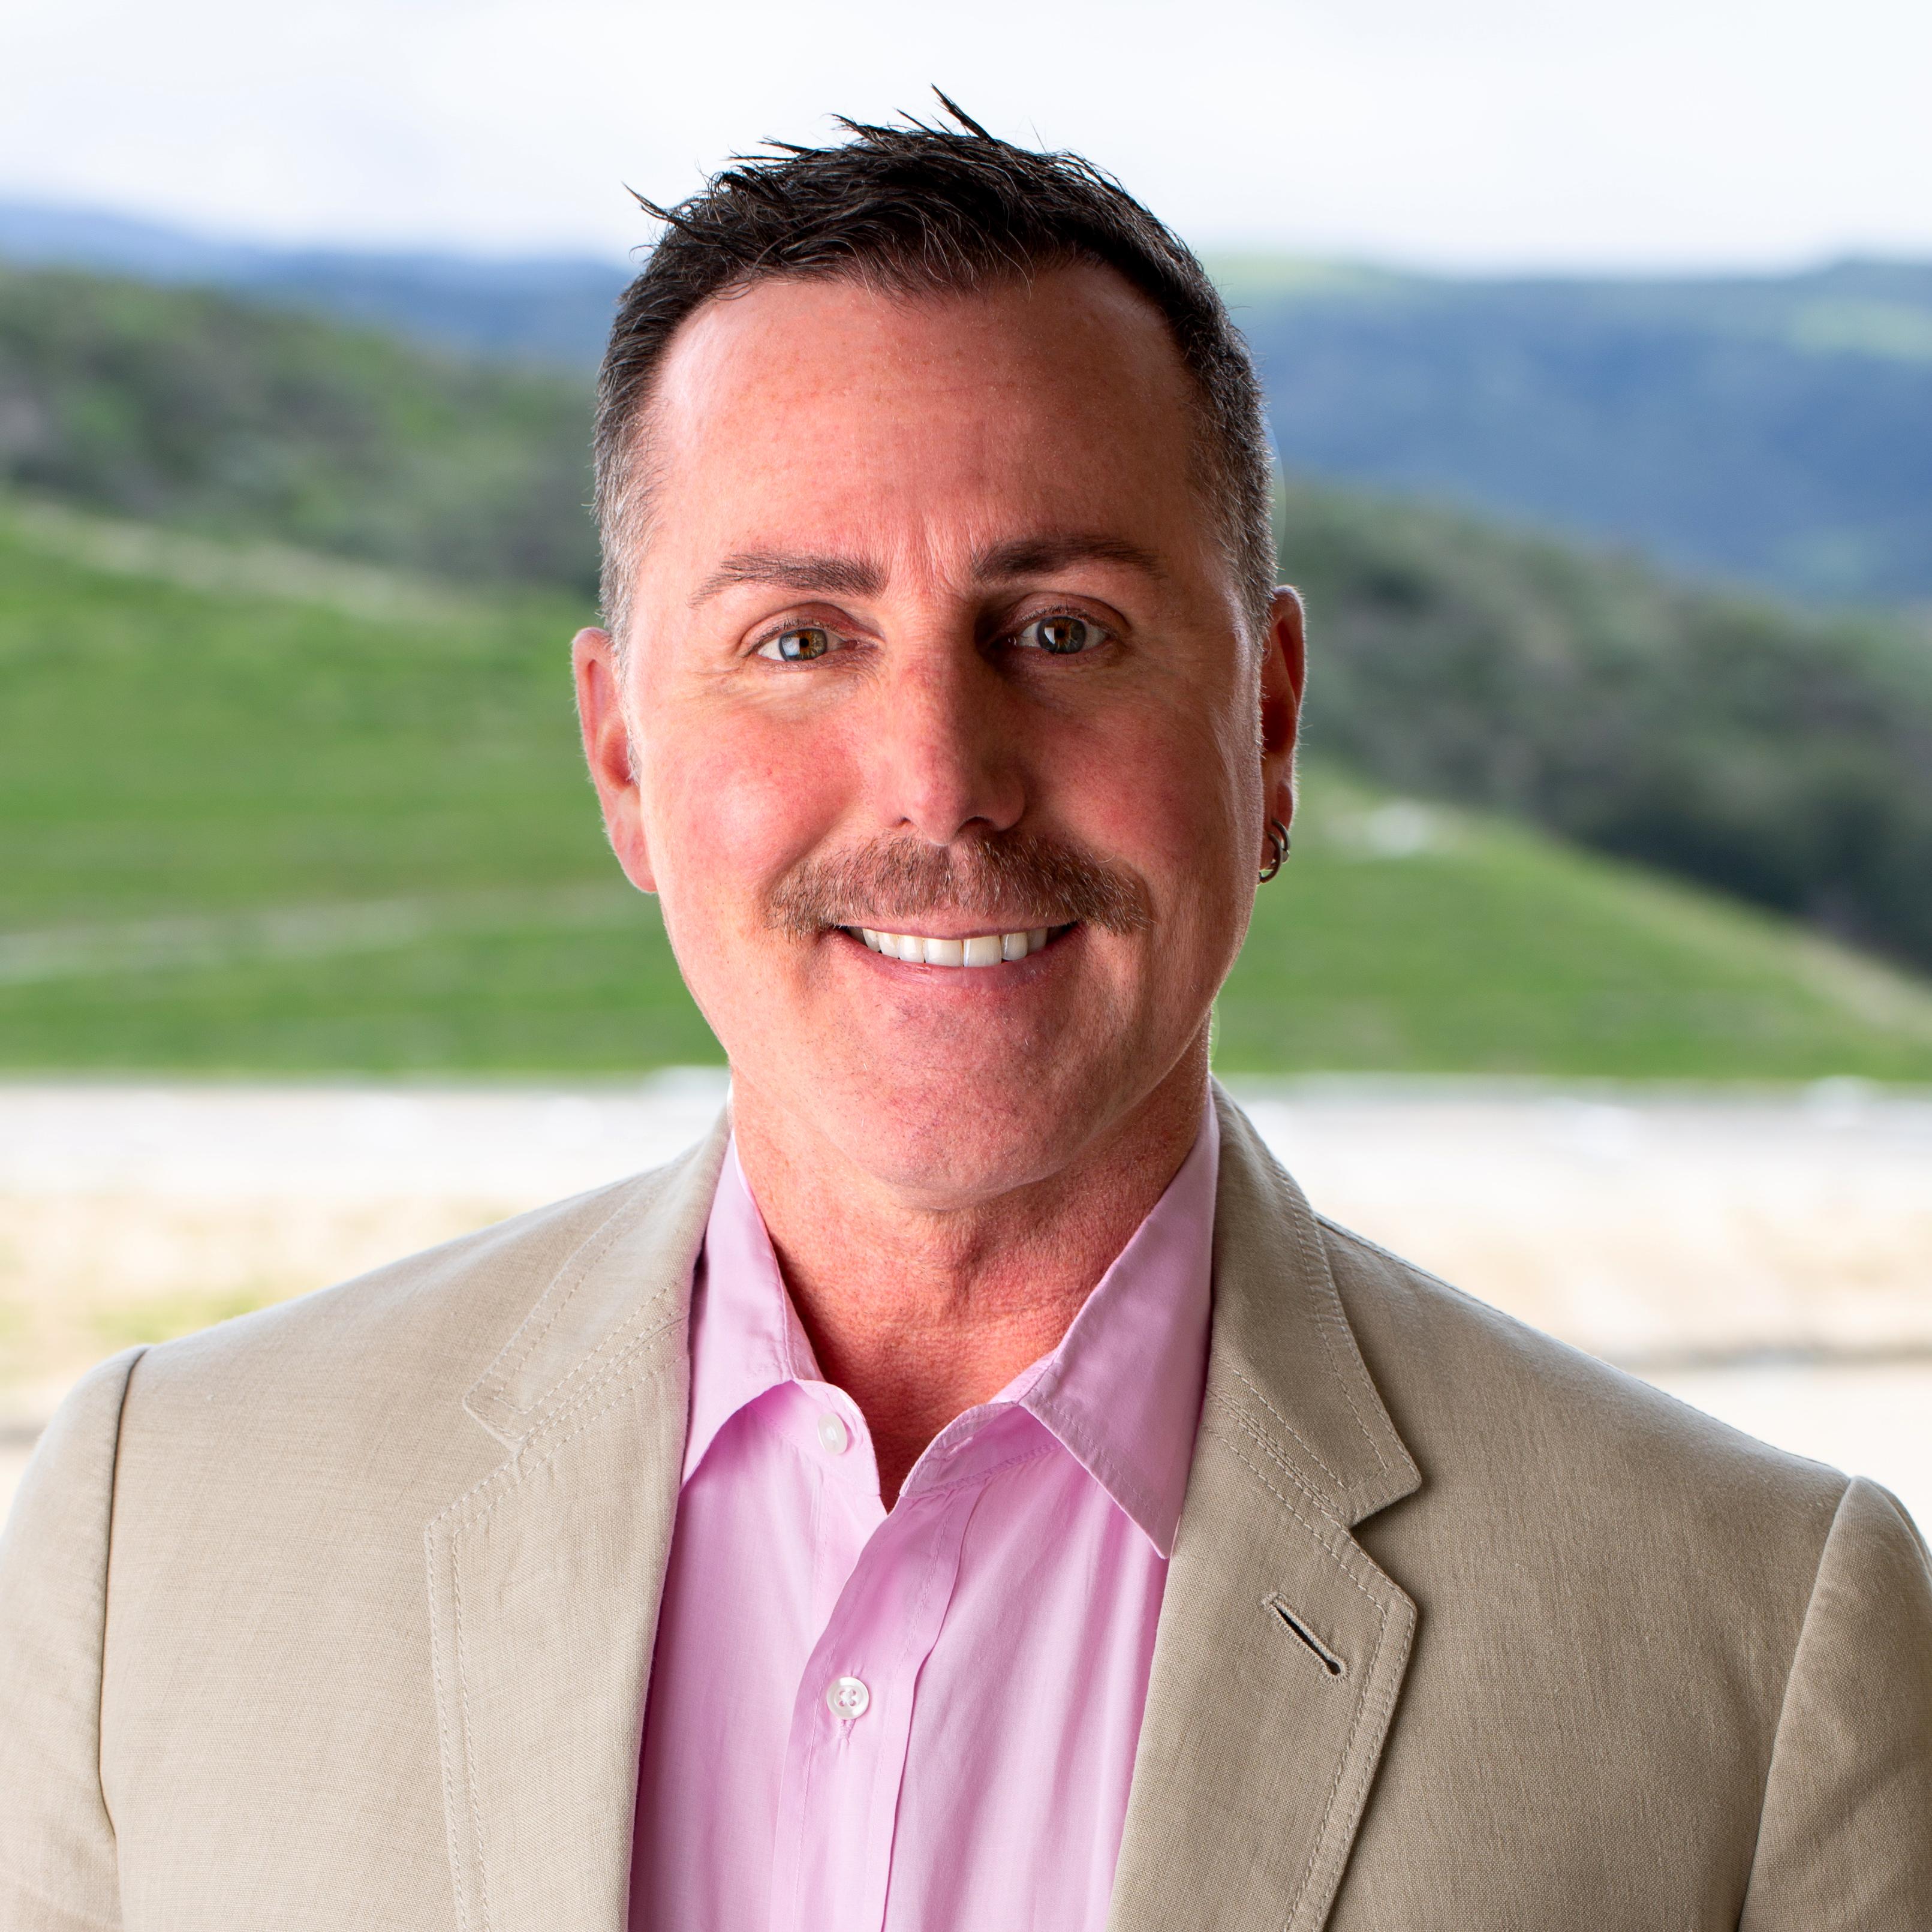 Mike Ganger